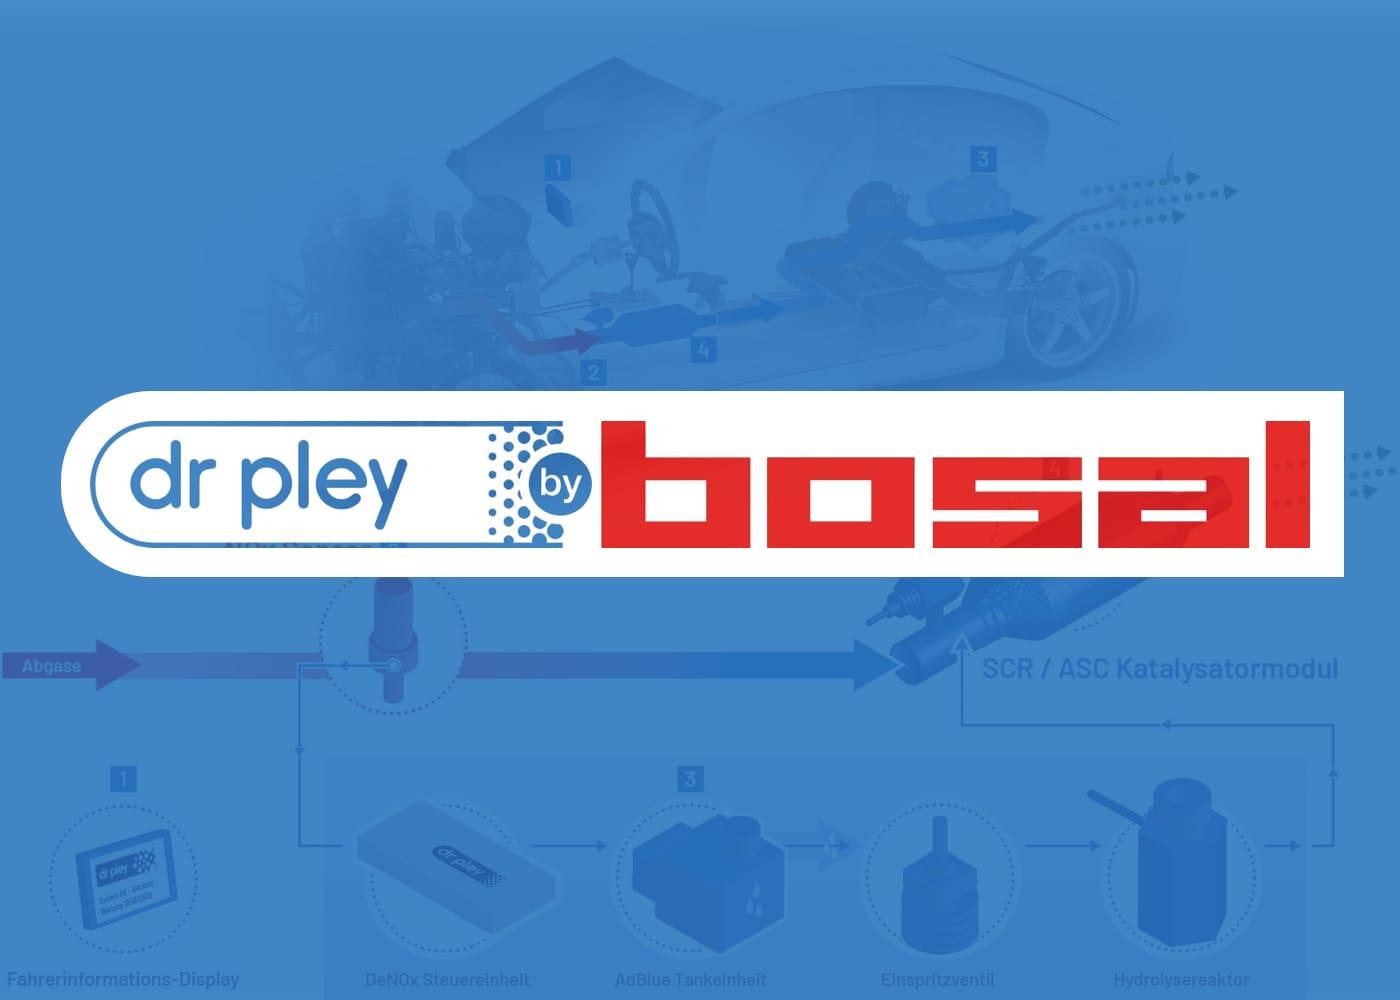 Logoentwicklung Dr Pley by Bosal